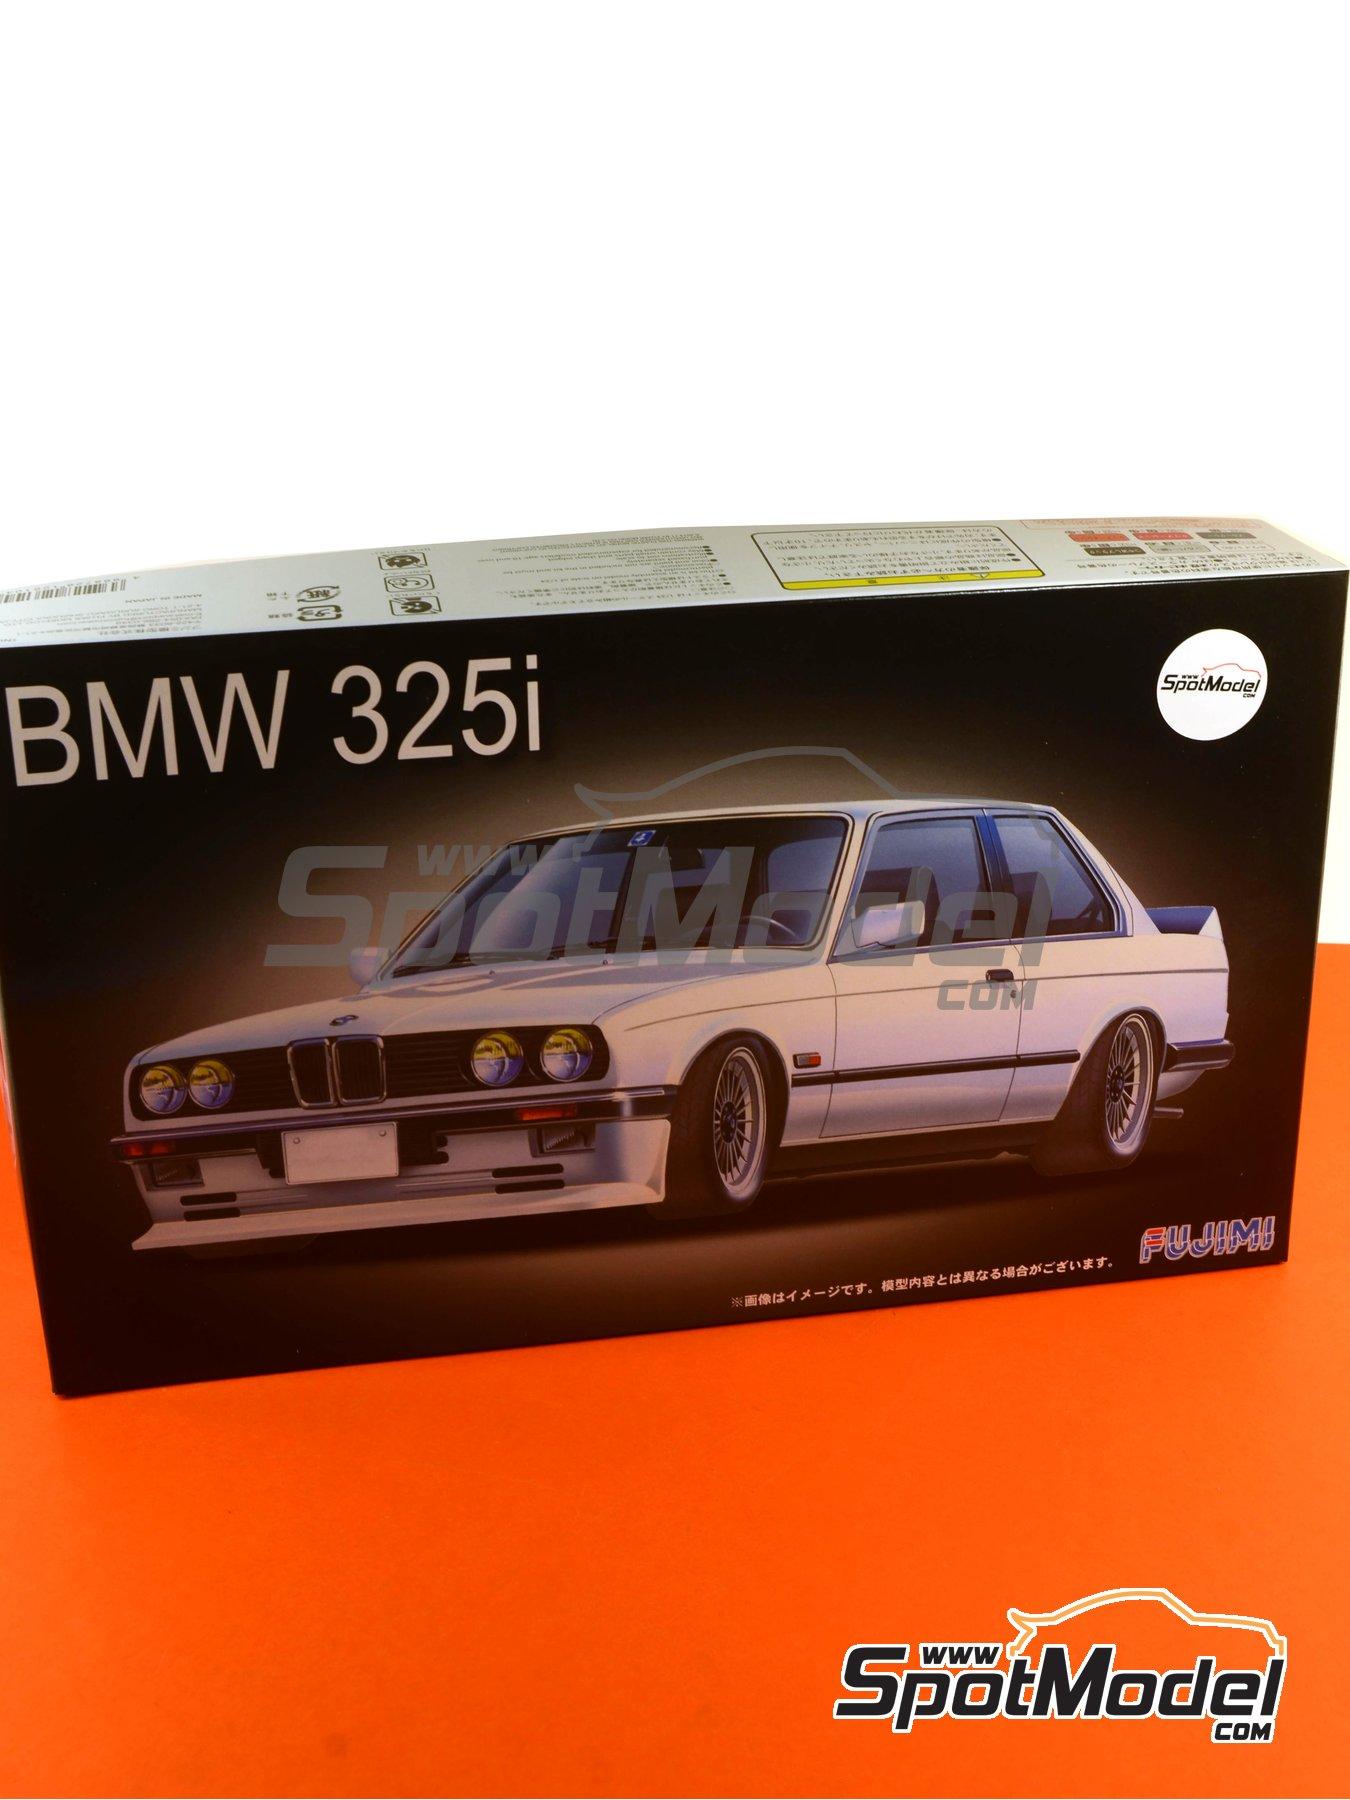 BMW 325i | Maqueta de coche en escala1/24 fabricado por Fujimi (ref.FJ126104, tambien 12610, 126104 y RS-21) image